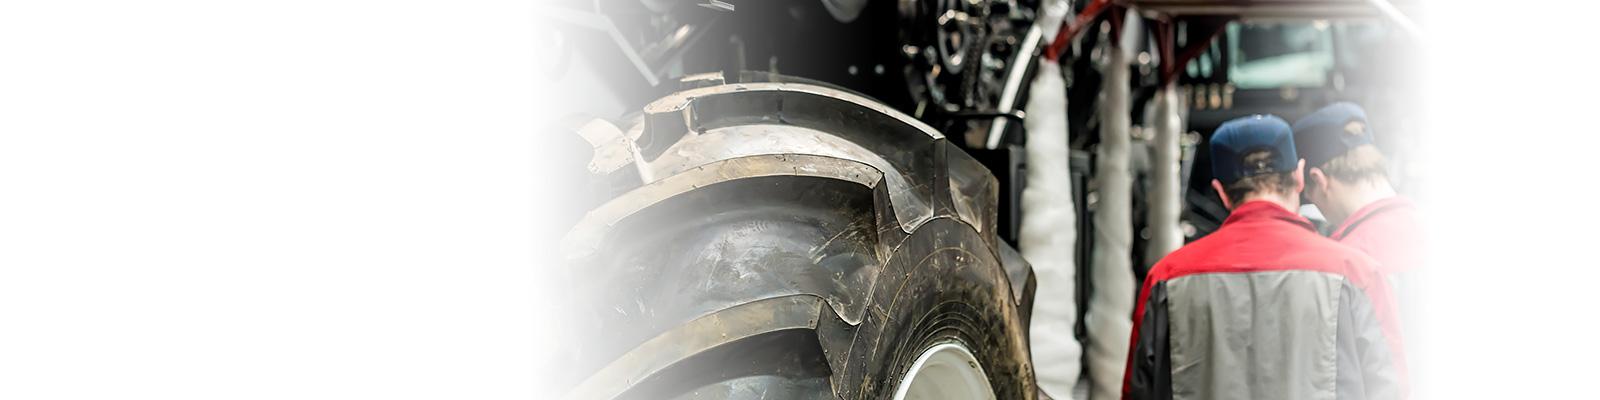 トラクター 工場 従業員 イメージ